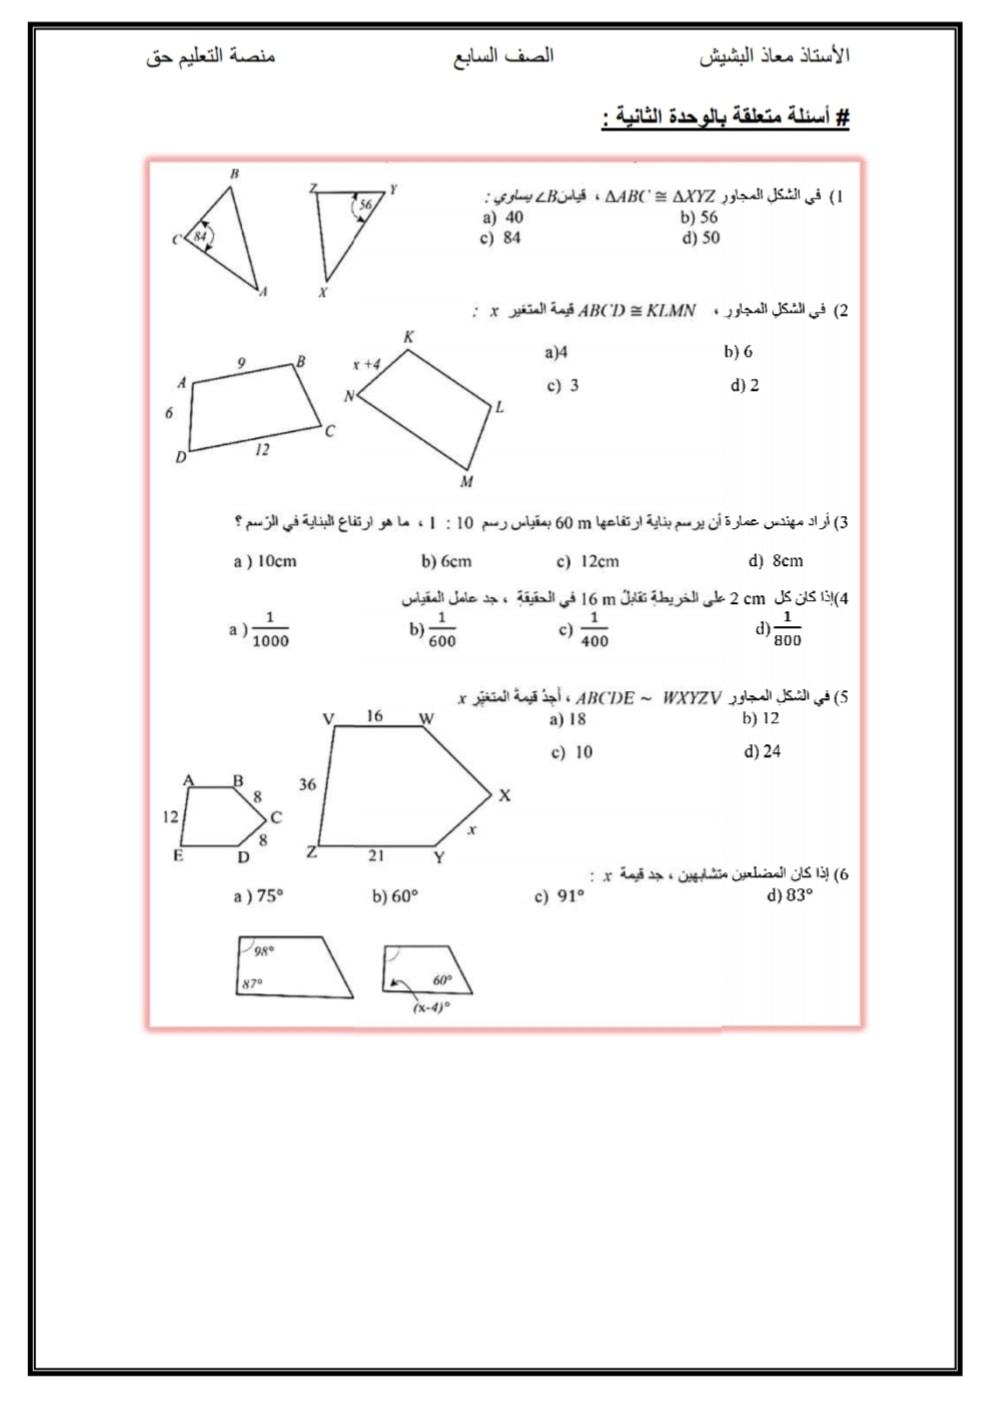 امتحان الشهر الاول مقترح لمادة الرياضيات للصف السابع الفصل الثاني 2021